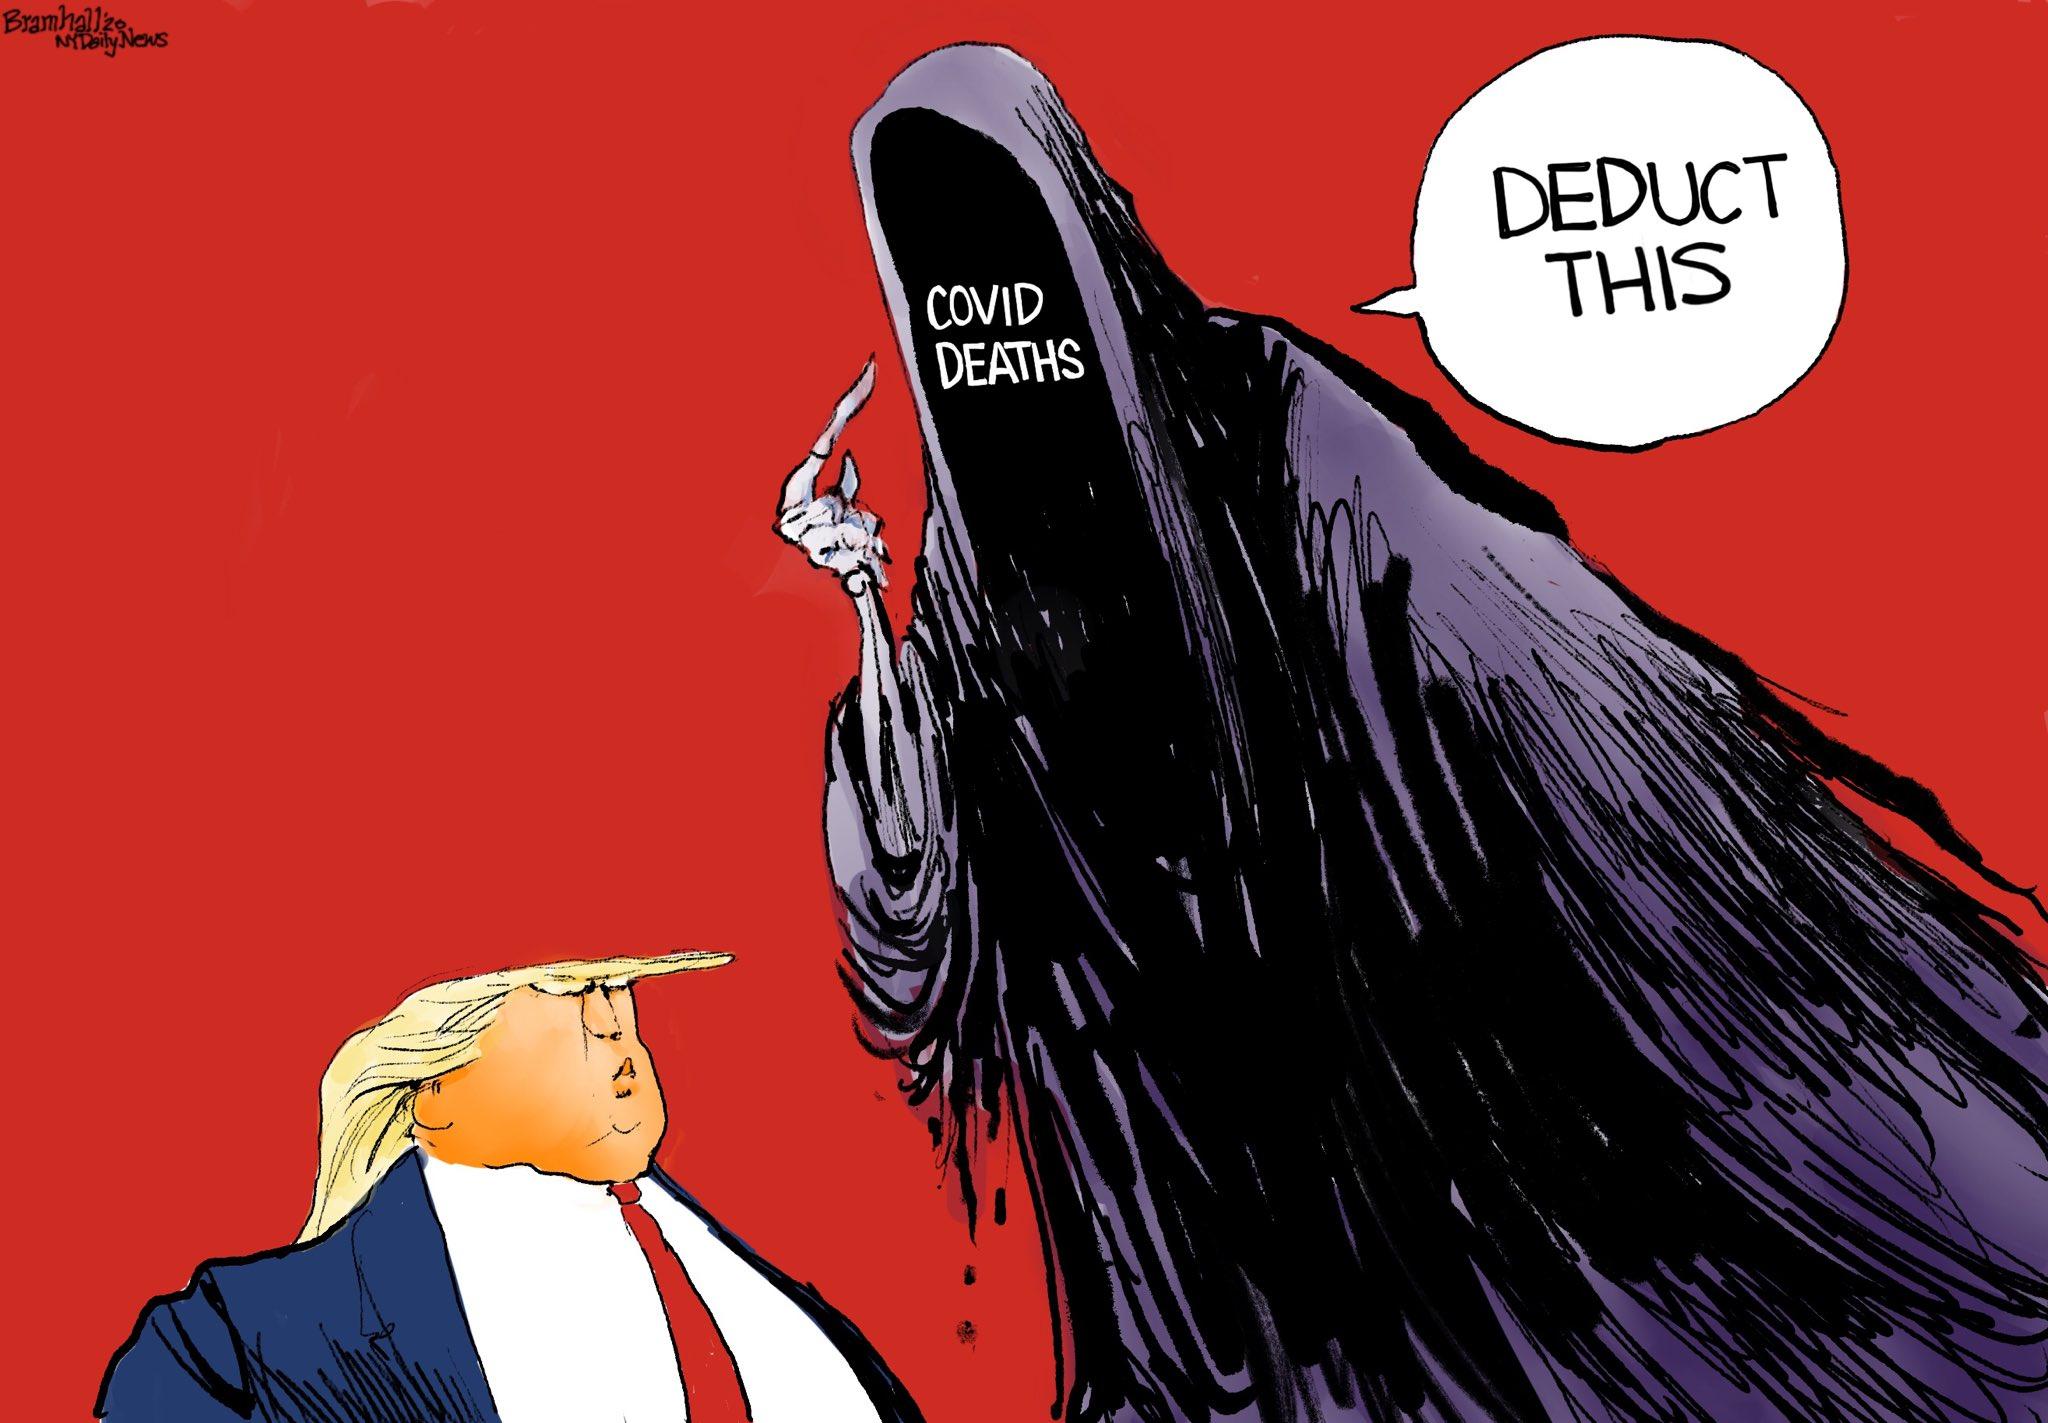 Cartoon https://t.co/SPdoAodBDj